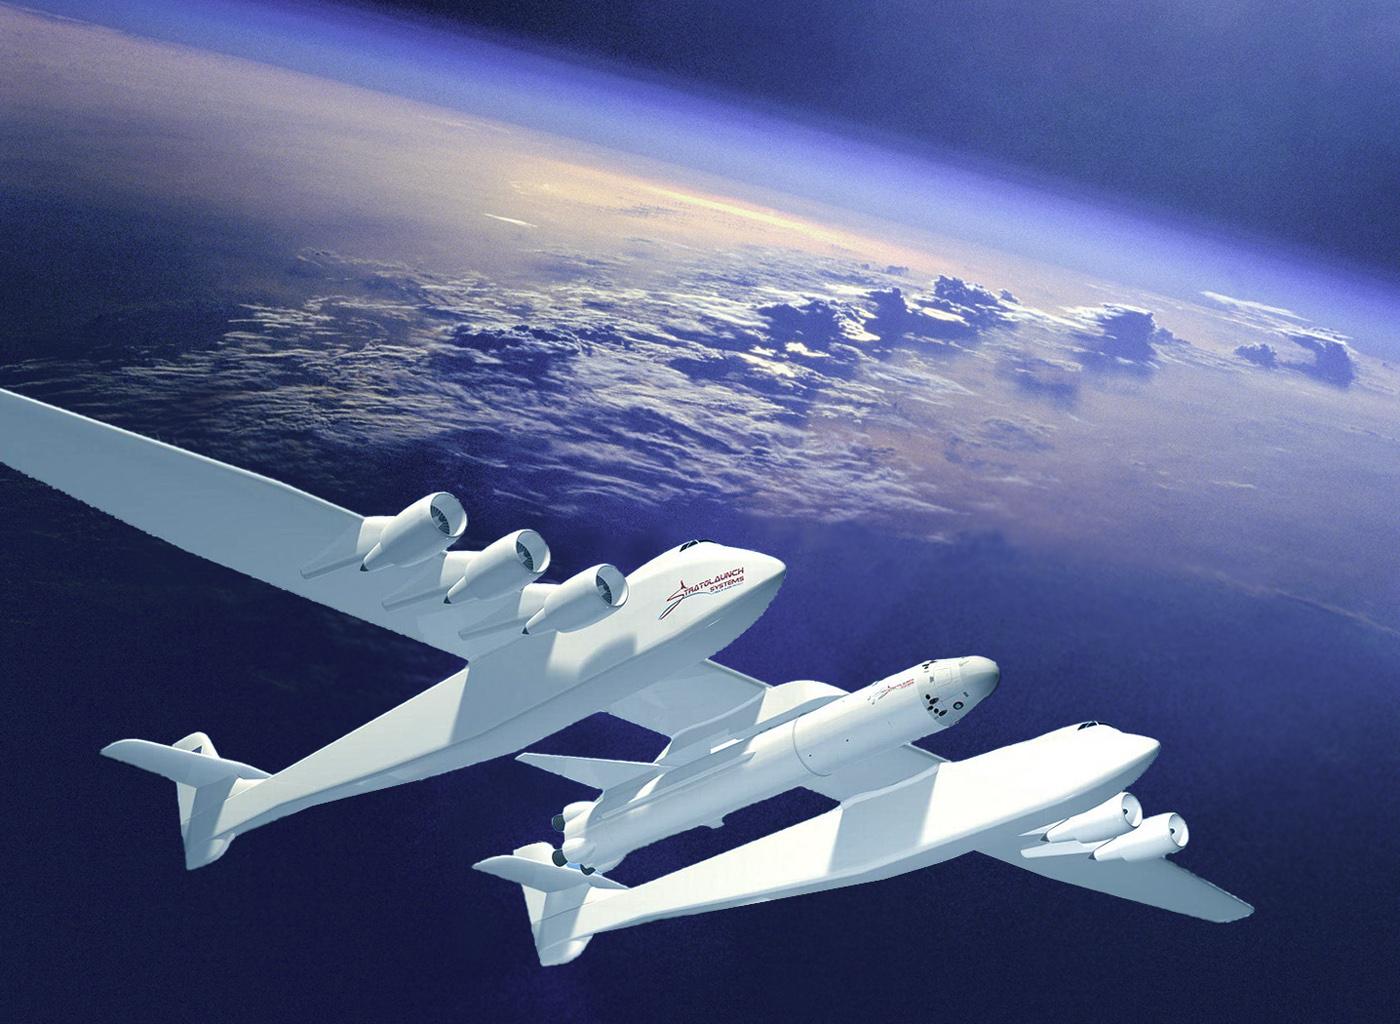 ¿Puede el Stratolaunch lanzar satélites?